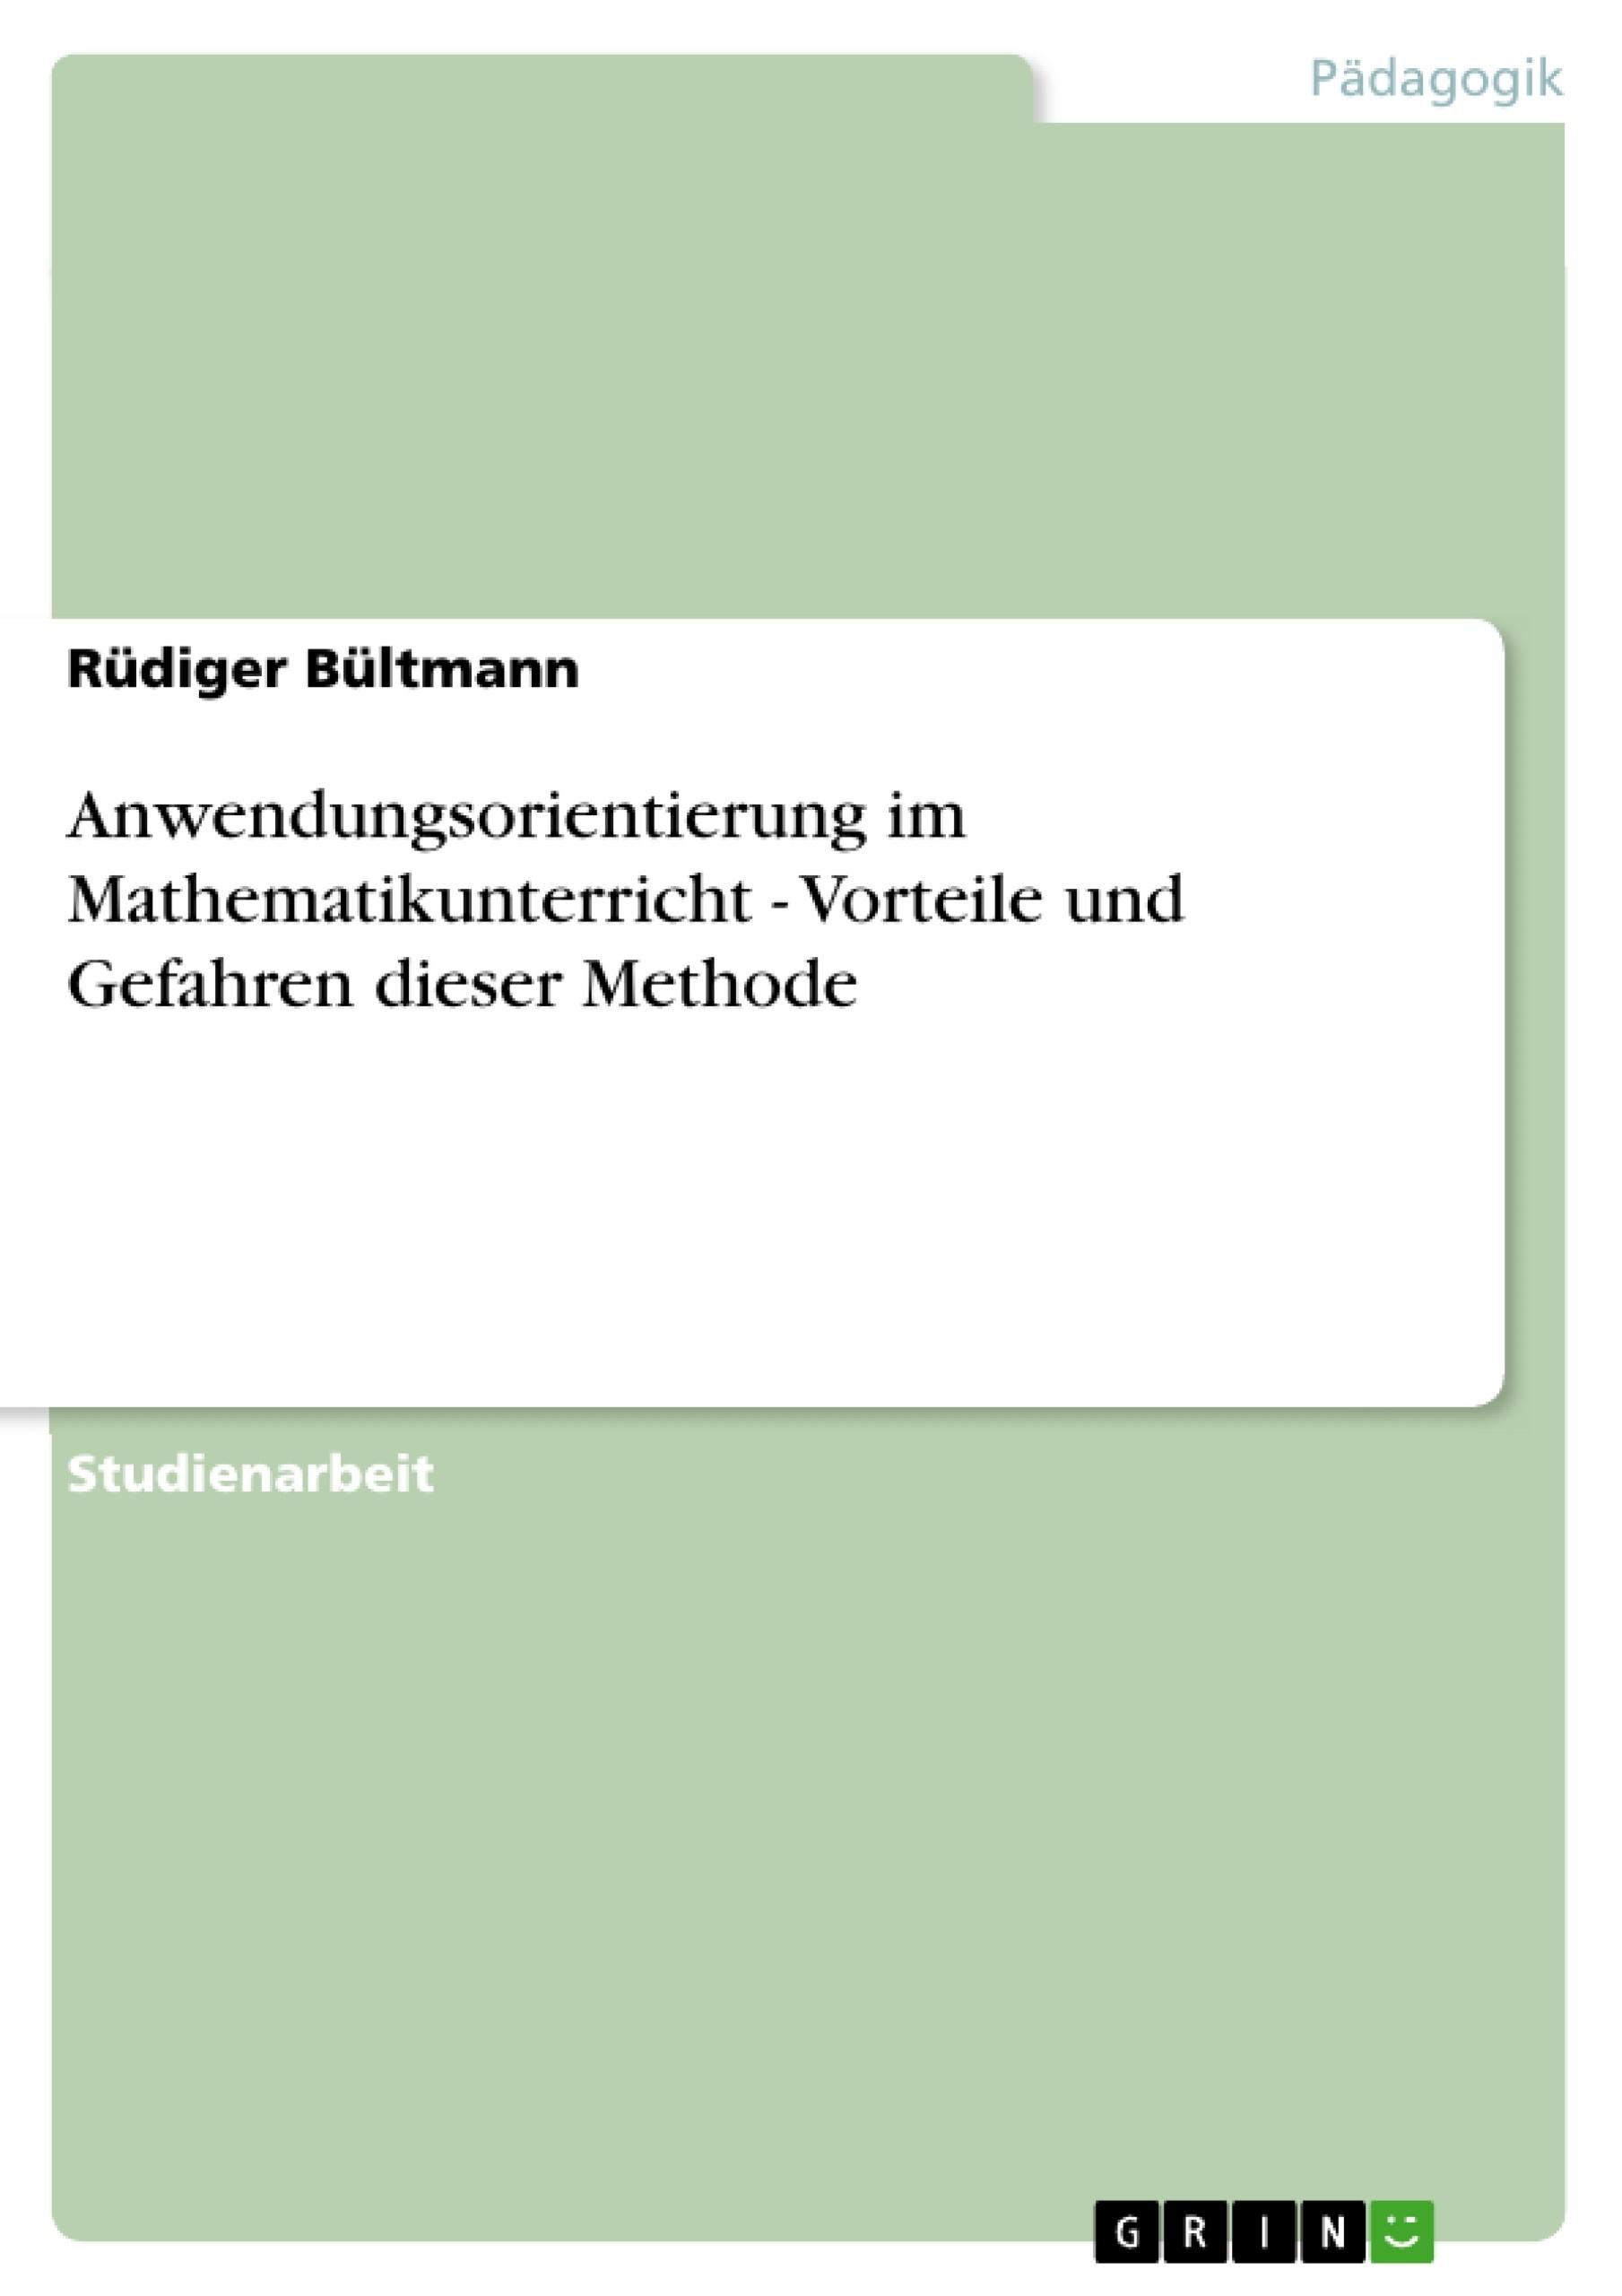 Titel: Anwendungsorientierung im Mathematikunterricht - Vorteile und Gefahren dieser Methode